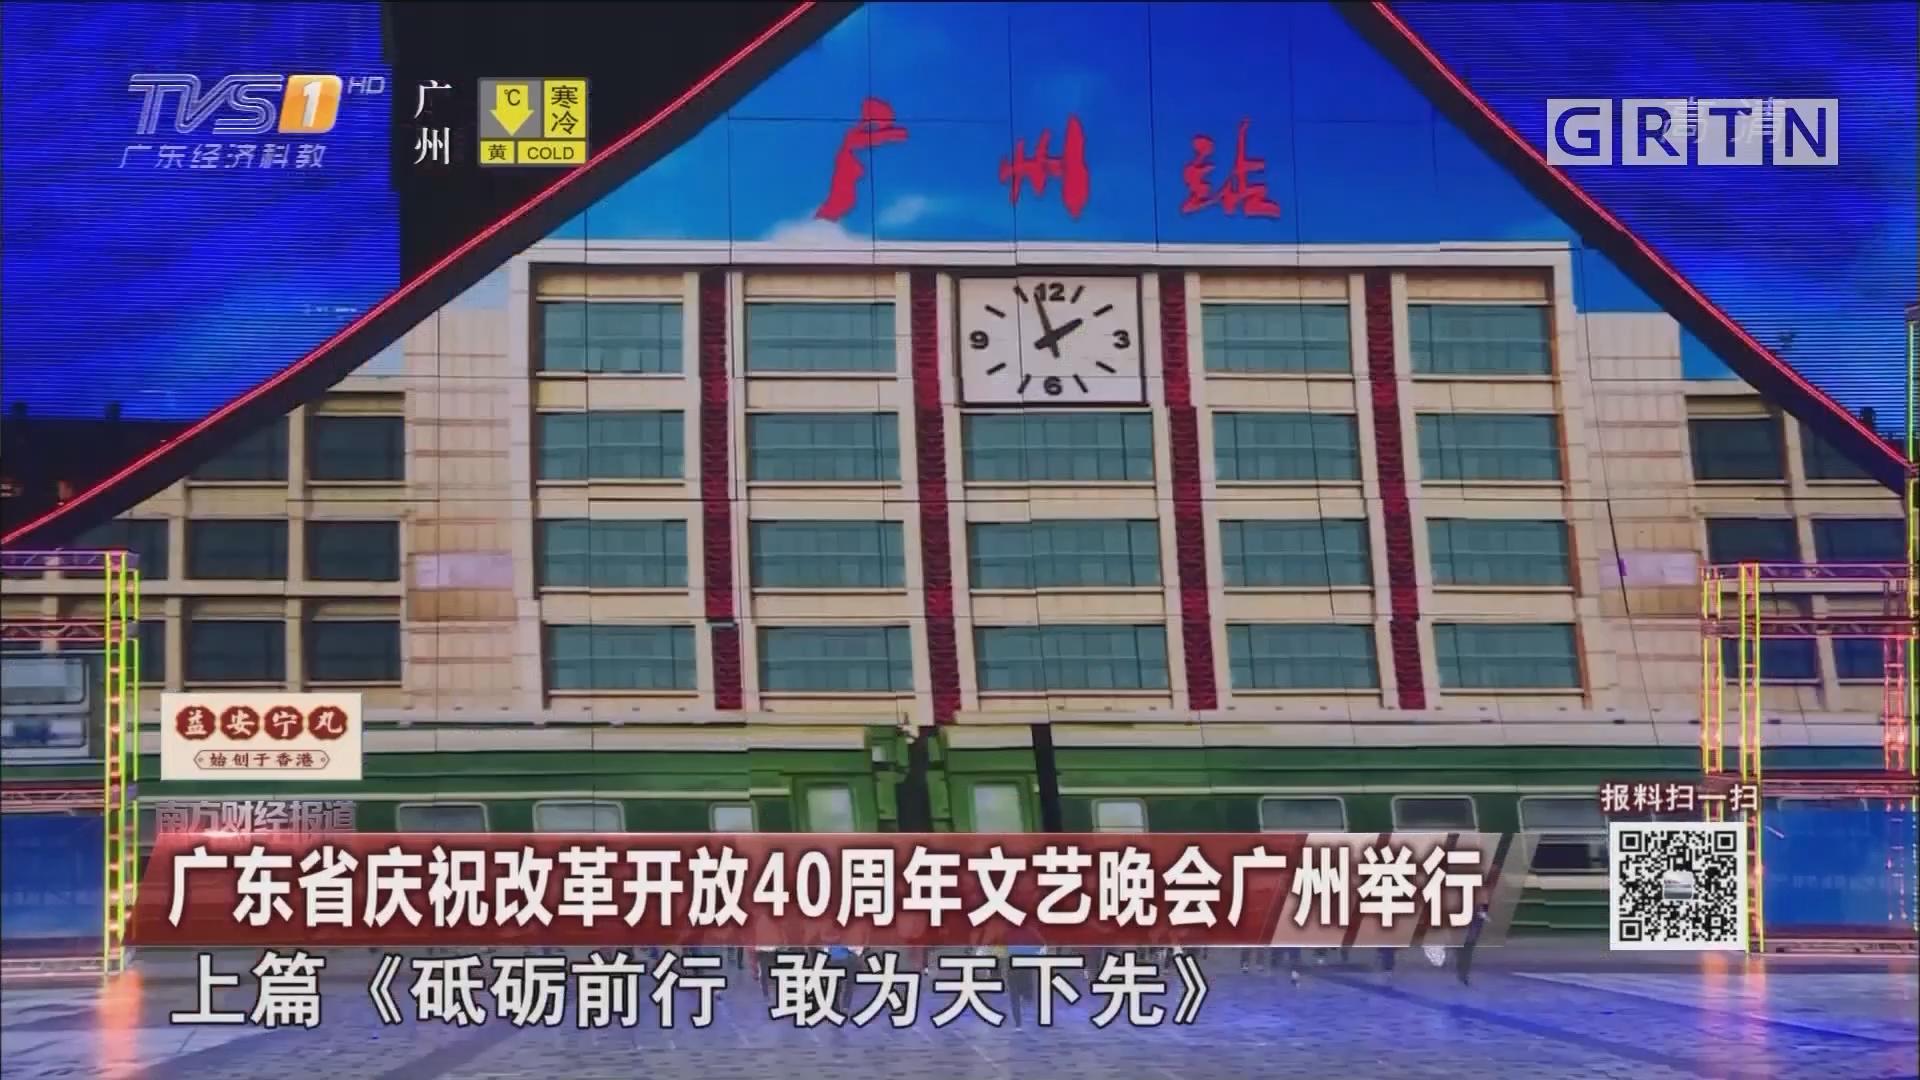 广东省庆祝改革开放40周年文艺晚会广州举行